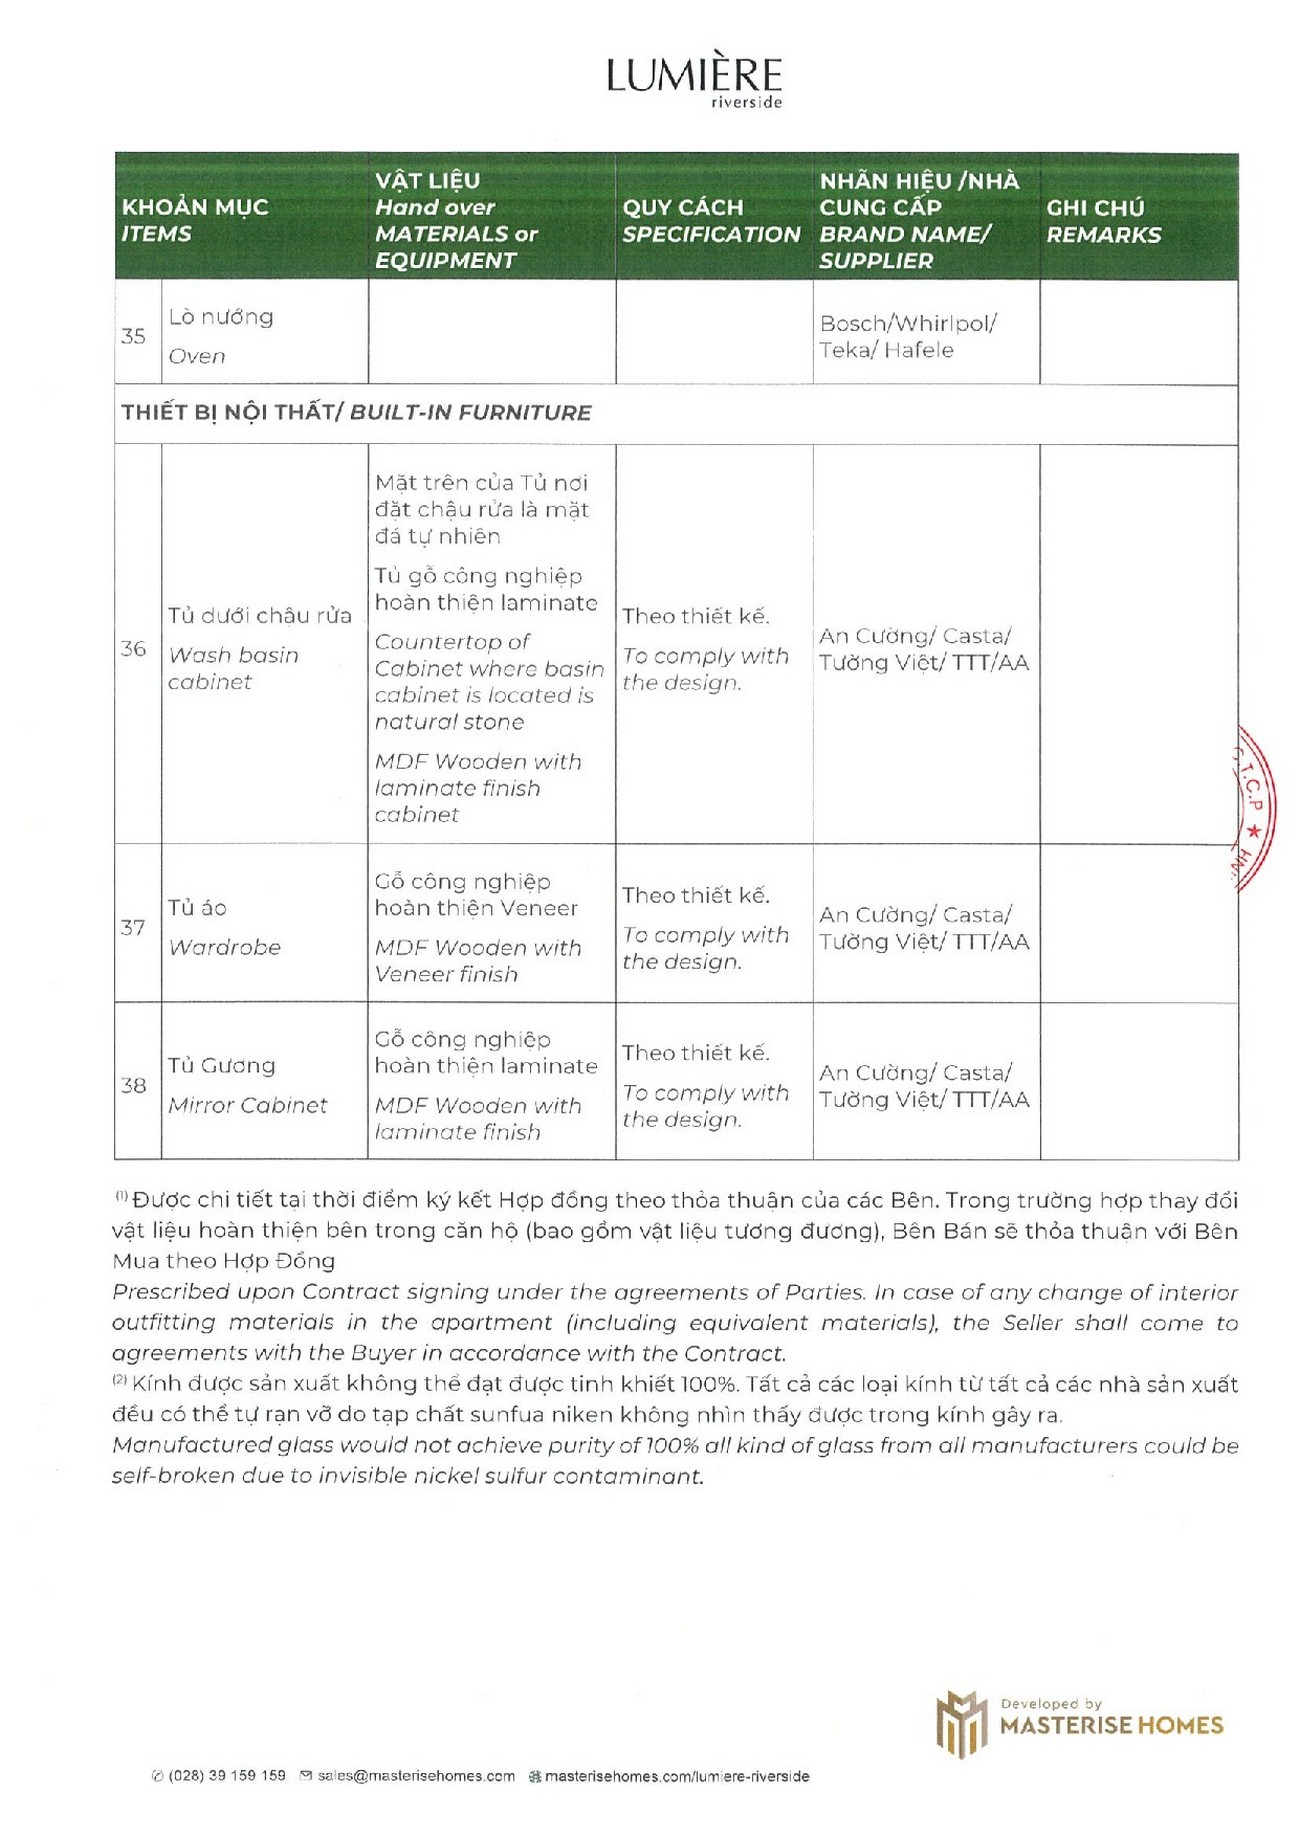 Cập nhật bảng giá Masteri Lumiere Riverside | GIÁ BÁN & ƯU ĐÃI【 03/2021】Từ Masterise Homes 2021 22